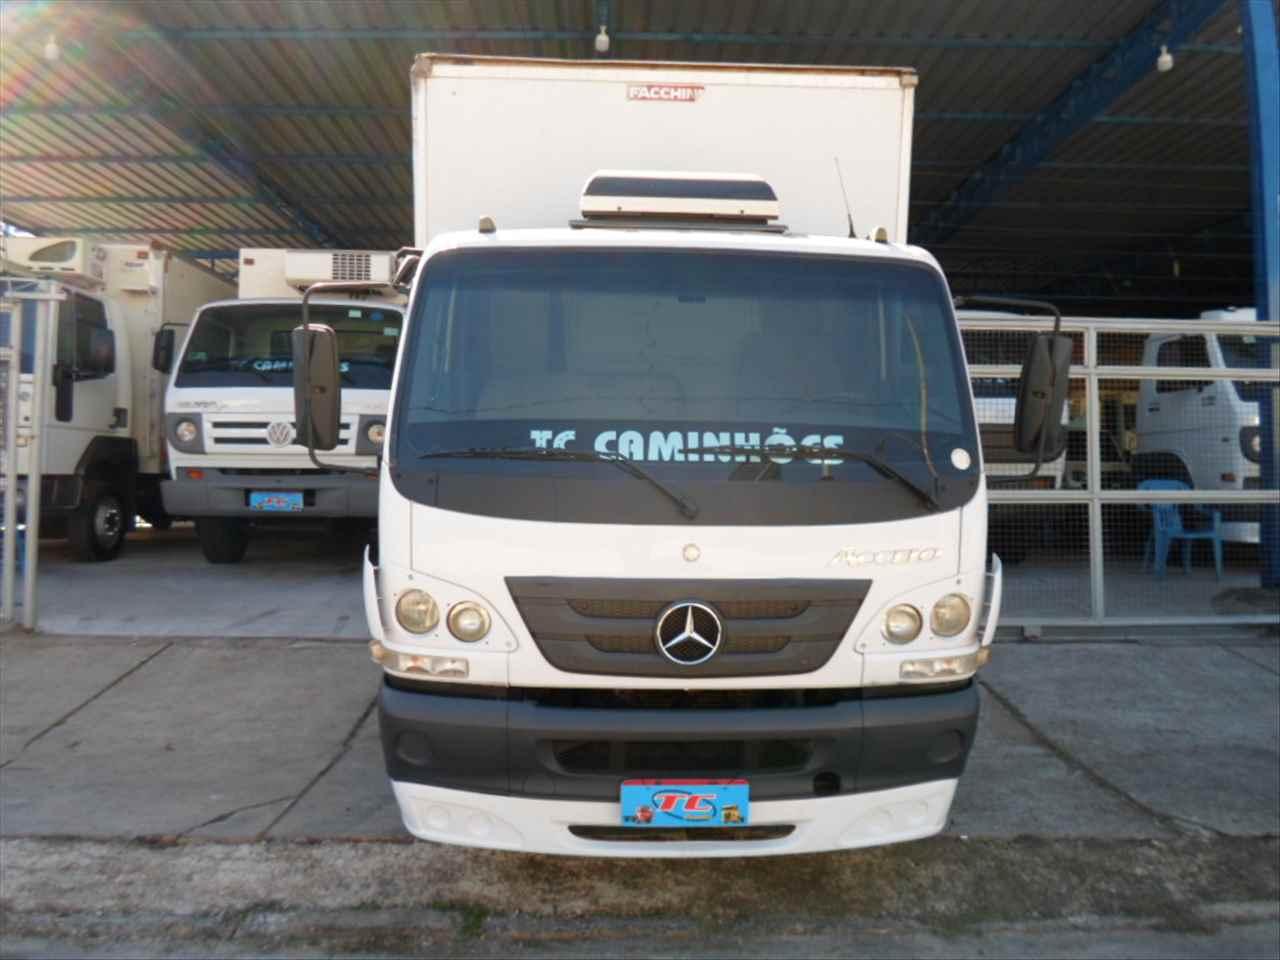 CAMINHAO MERCEDES-BENZ MB 1016 Baú Furgão 3/4 4x2 TC Caminhões  BELO HORIZONTE MINAS GERAIS MG